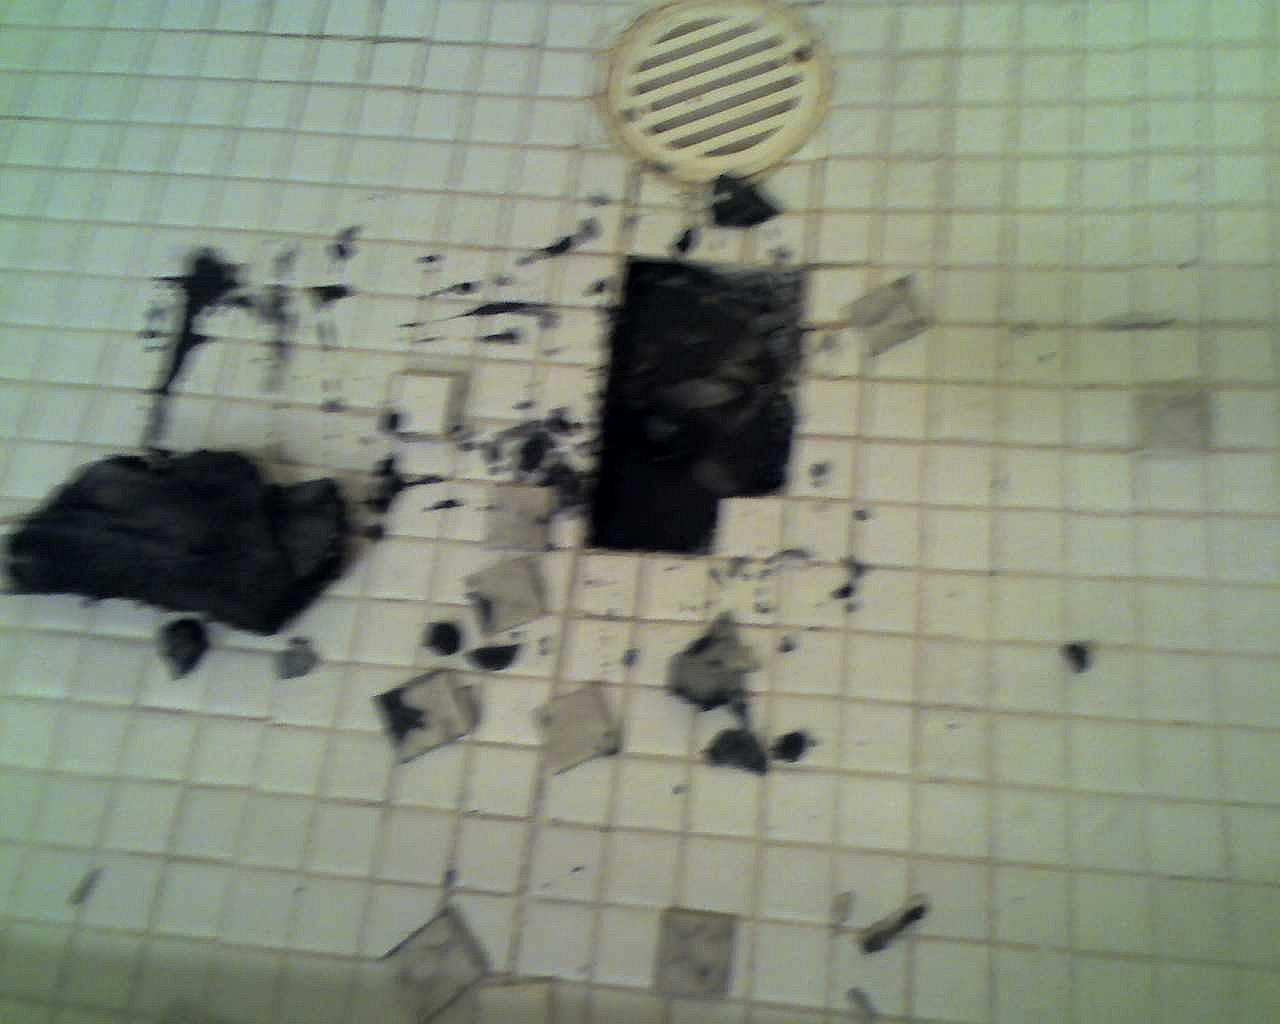 Possible Mold Under Shower Tiles Flooring DIY Chatroom Home - Bathroom tile mold